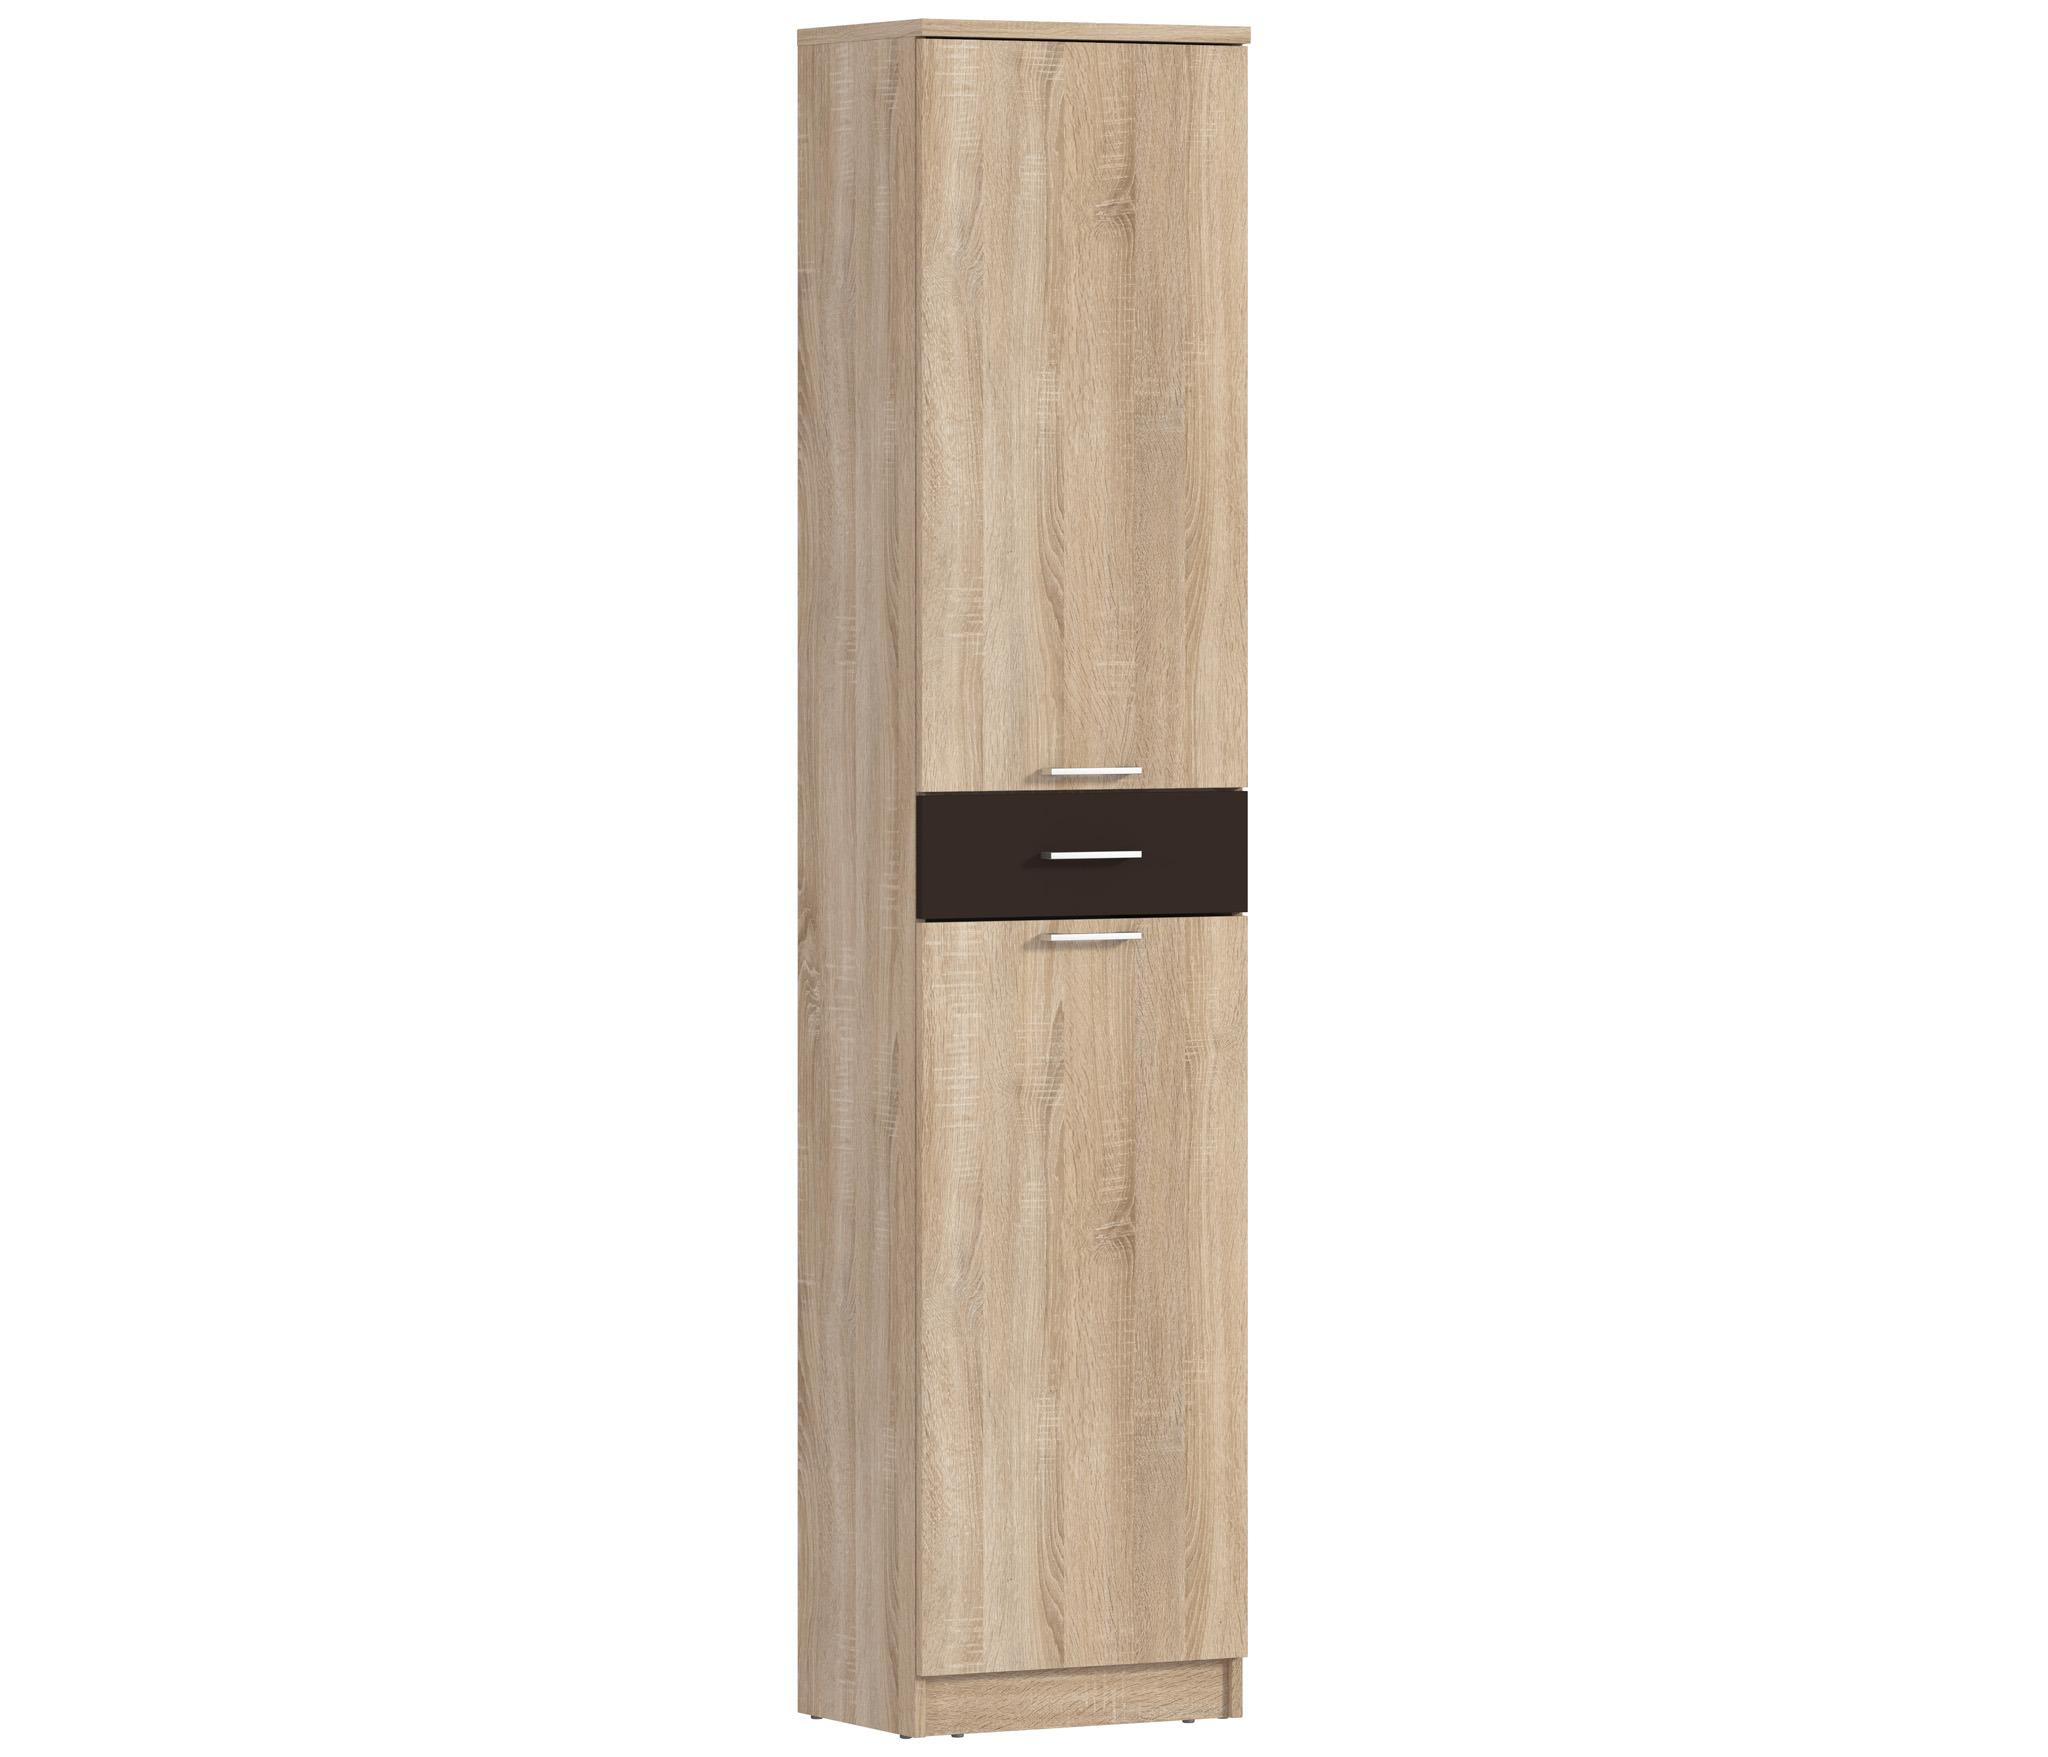 Клео СБ-2023 ПеналШкафы для гостиной<br>Пенал  Клео СБ-2023  станет эффектным дополнением для вашей гостиной.